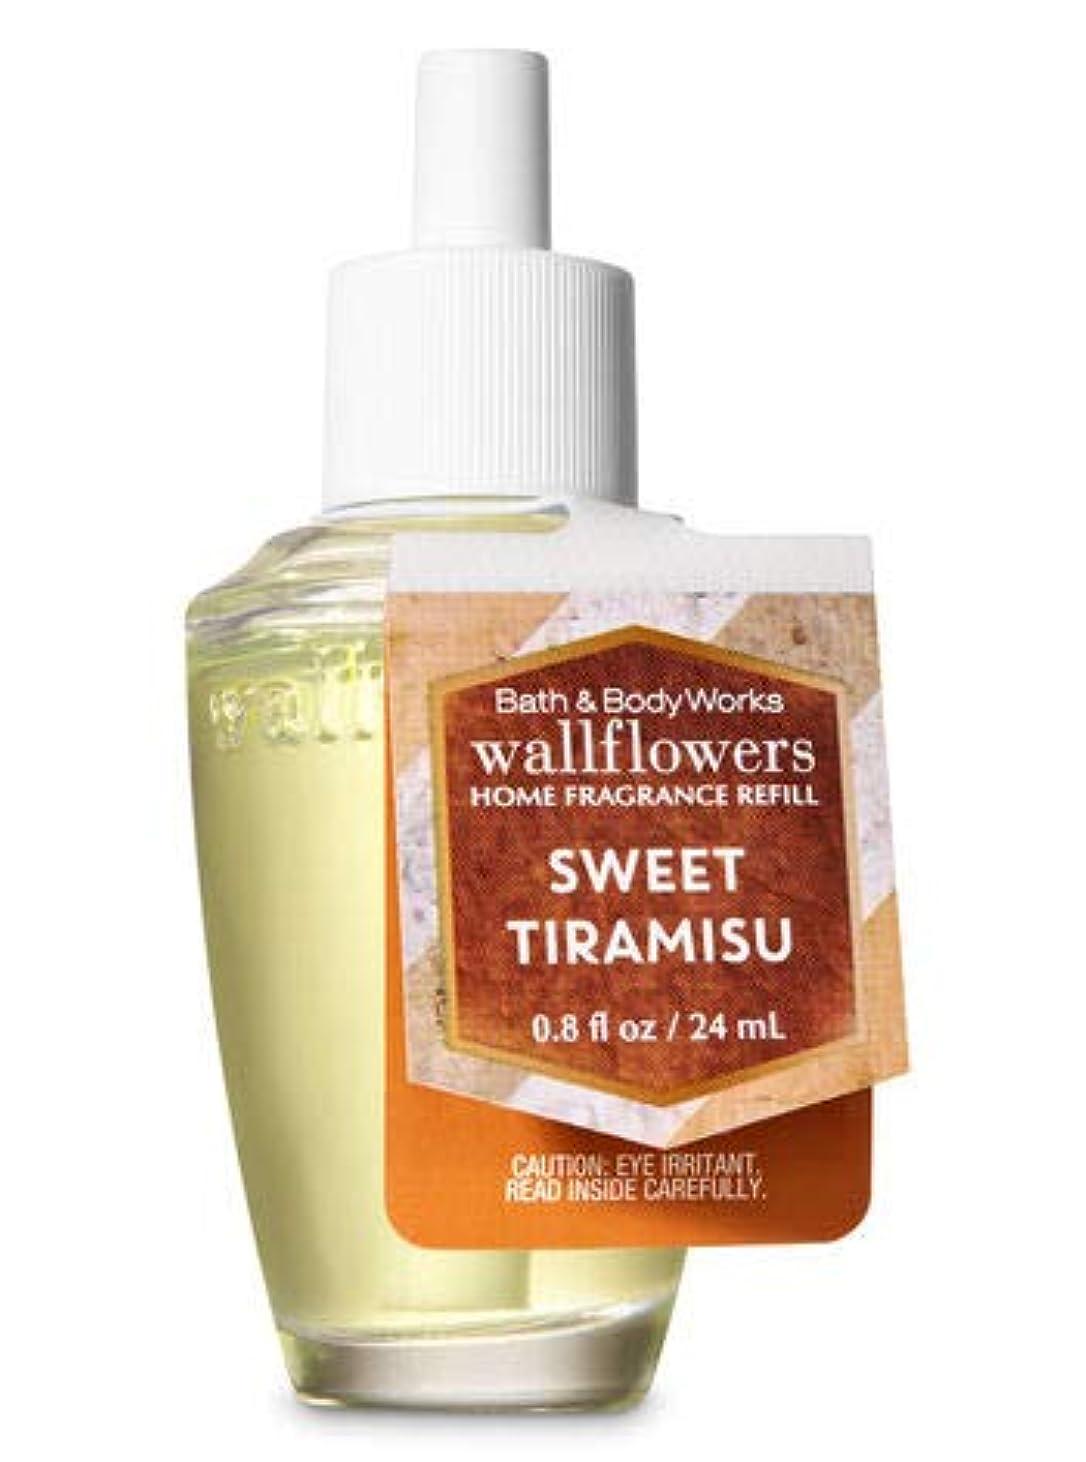 バイオリニストエンゲージメント亡命【Bath&Body Works/バス&ボディワークス】 ルームフレグランス 詰替えリフィル スイートティラミス Wallflowers Home Fragrance Refill Sweet Tiramisu [並行輸入品]